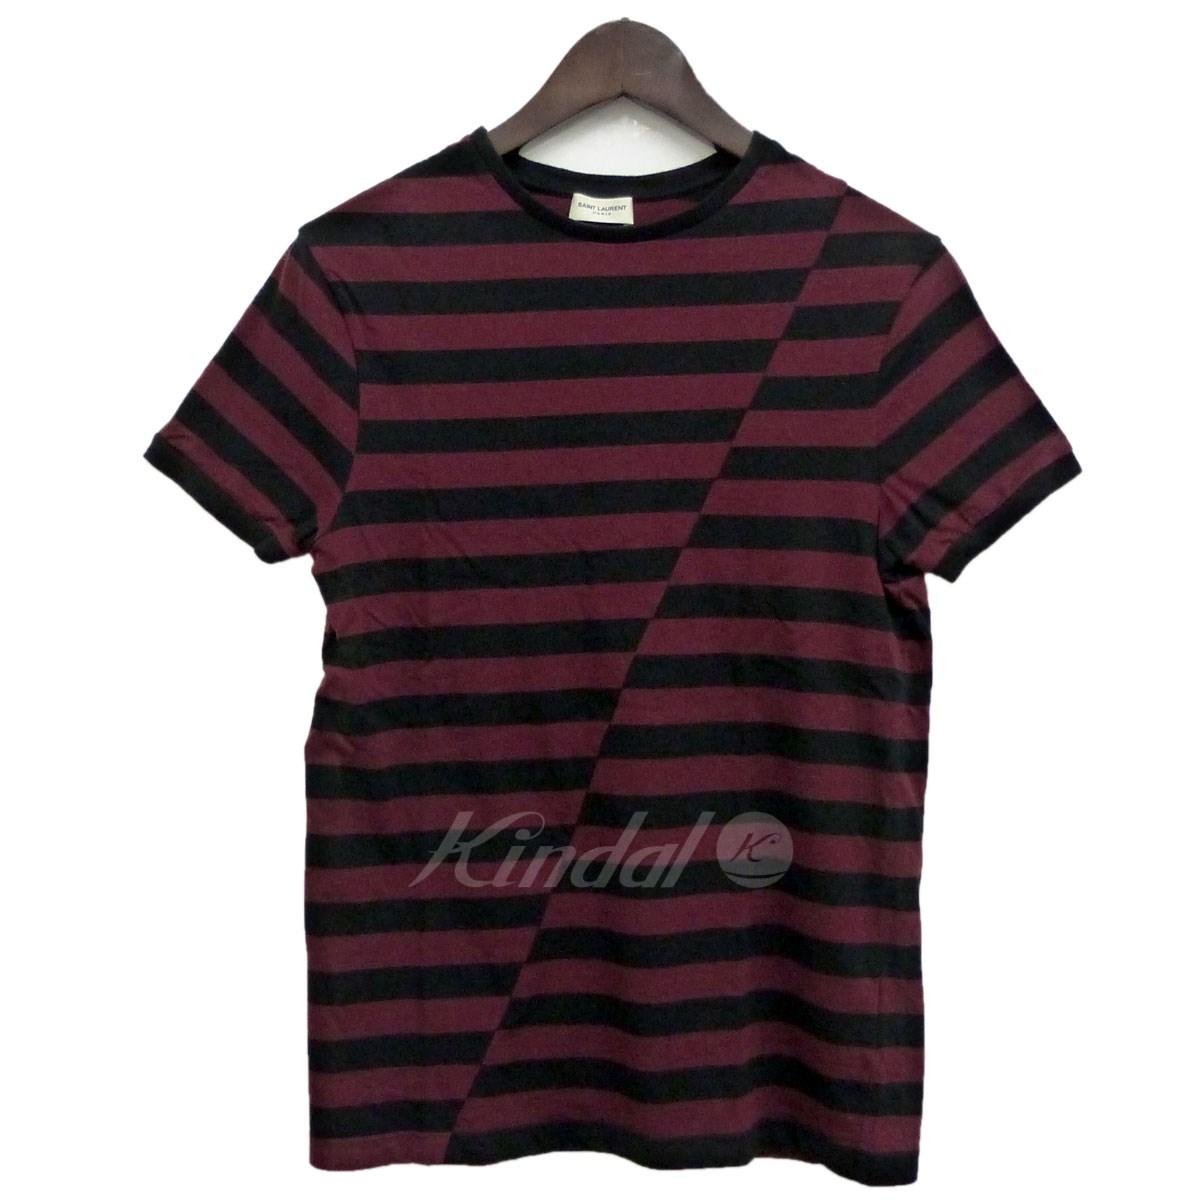 【中古】SAINT LAURENT PARIS 14AWボーダーTシャツ ブラック×バーガンディー サイズ:XS 【送料無料】 【091118】(サンローランパリ)